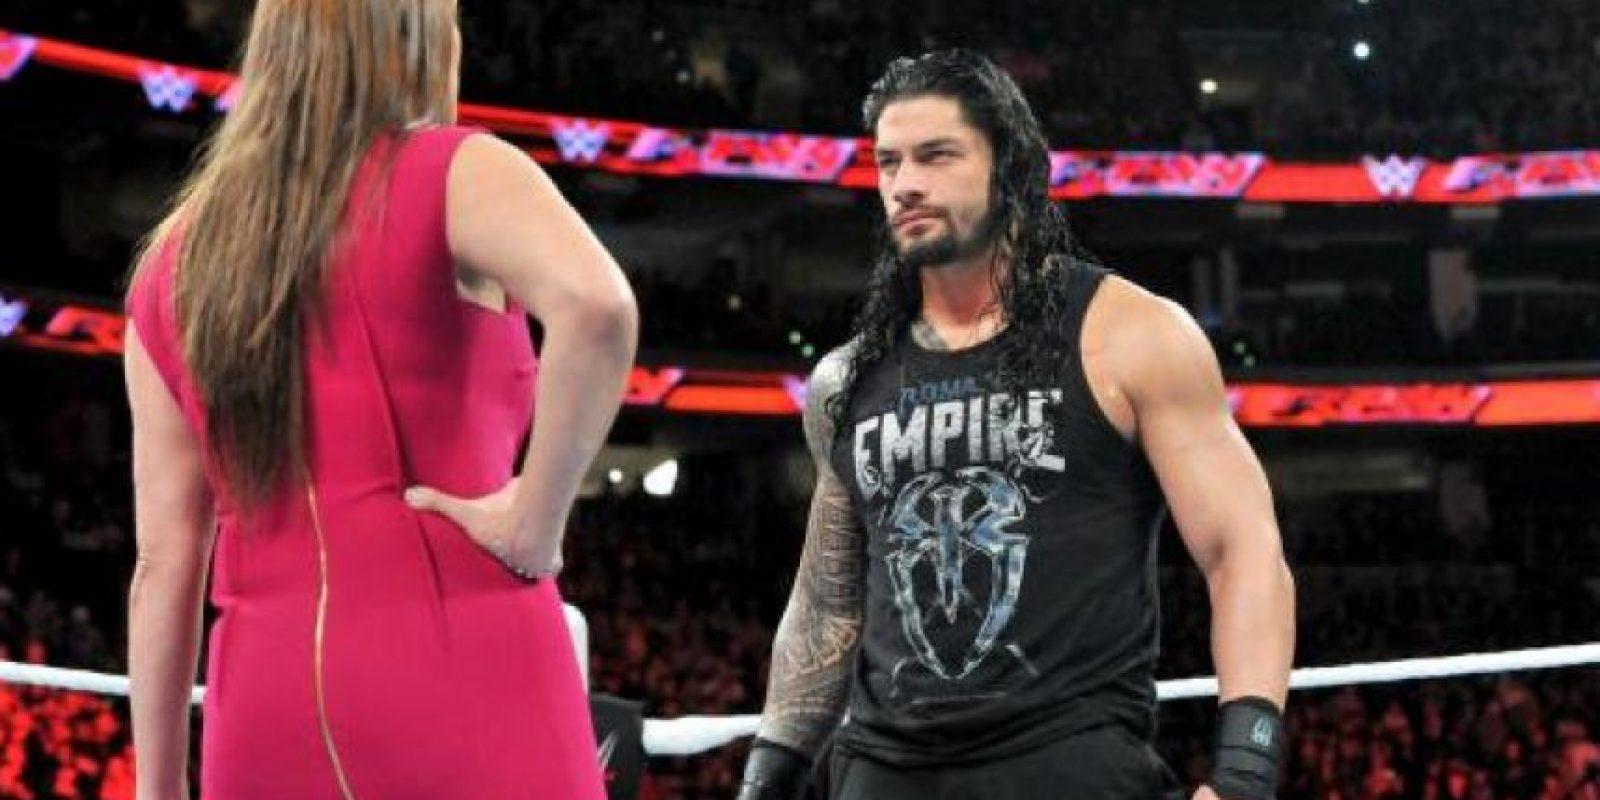 Ahora mantiene un conflicto con La Autoridad Foto:WWE